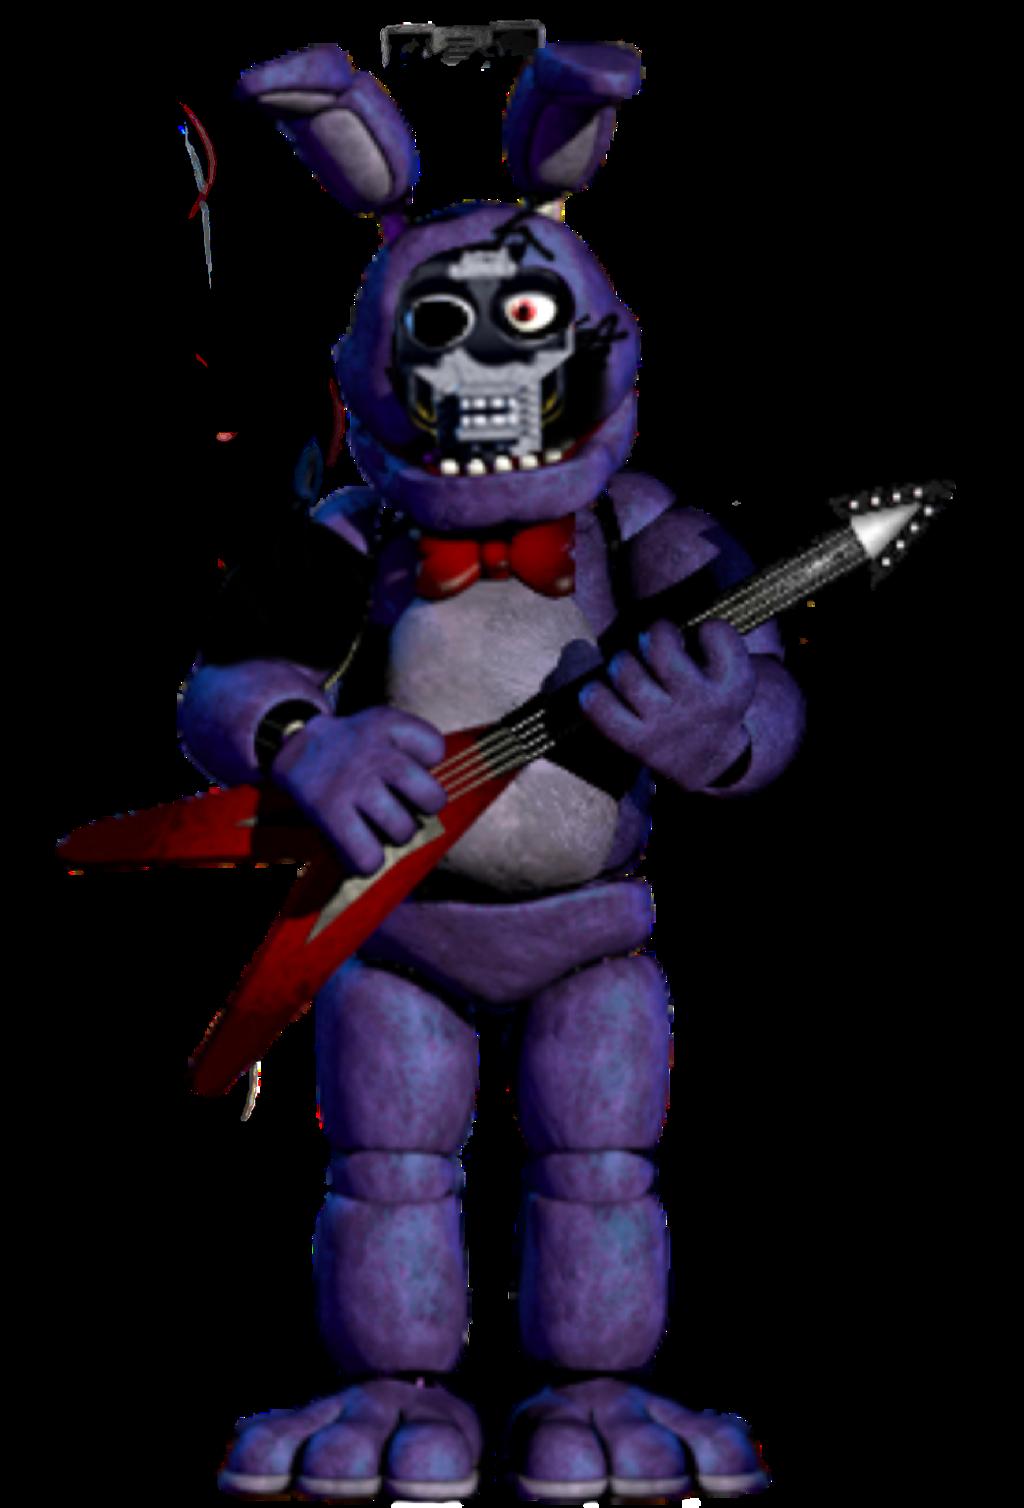 #Bonnie